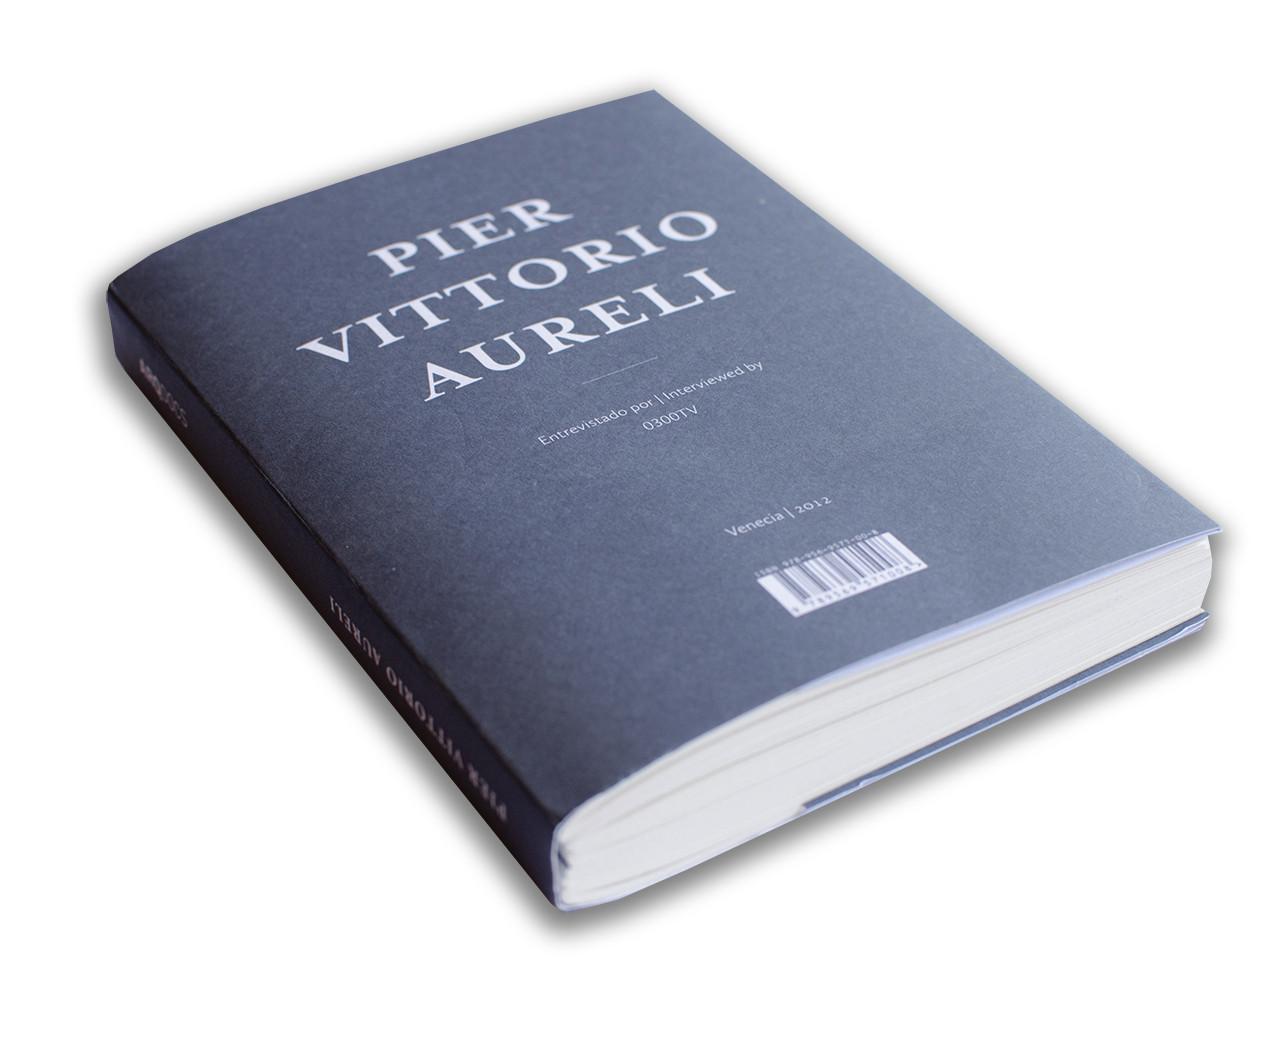 Pier Vittorio Aureli - Entrevistado por 0300TV / Ediciones ARQ